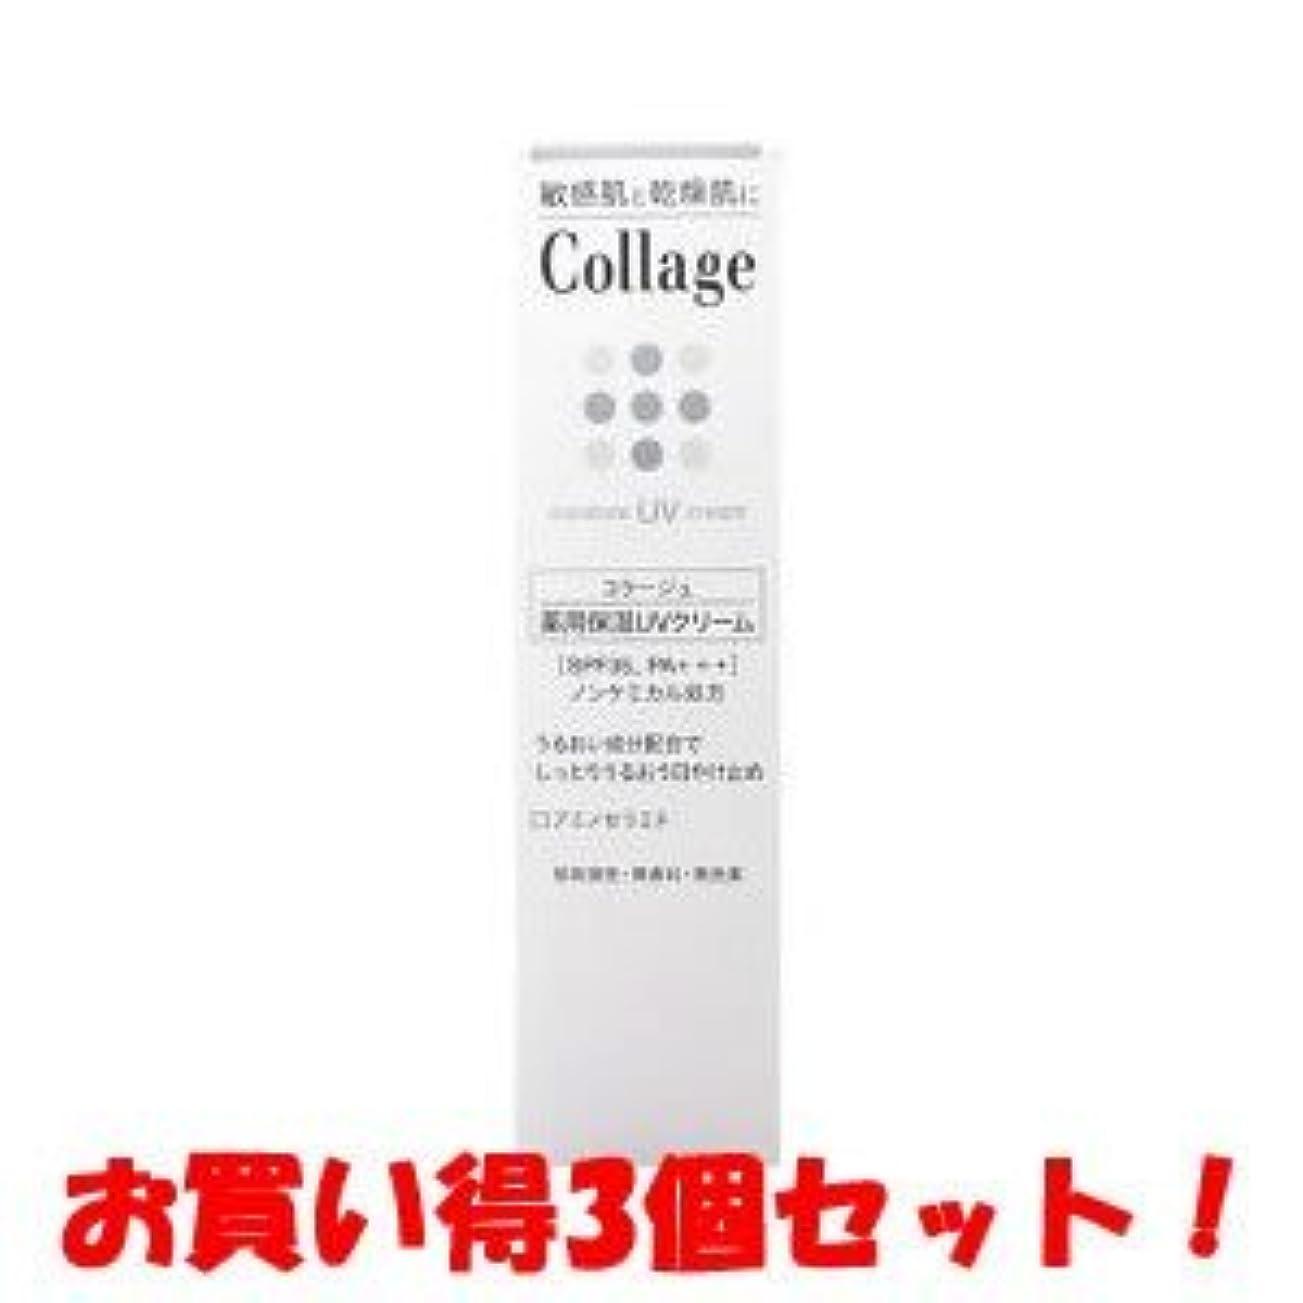 シャンパン数学的な販売計画(持田ヘルスケア)コラージュ 薬用保湿UVクリーム 30g(医薬部外品)(お買い得3個セット)